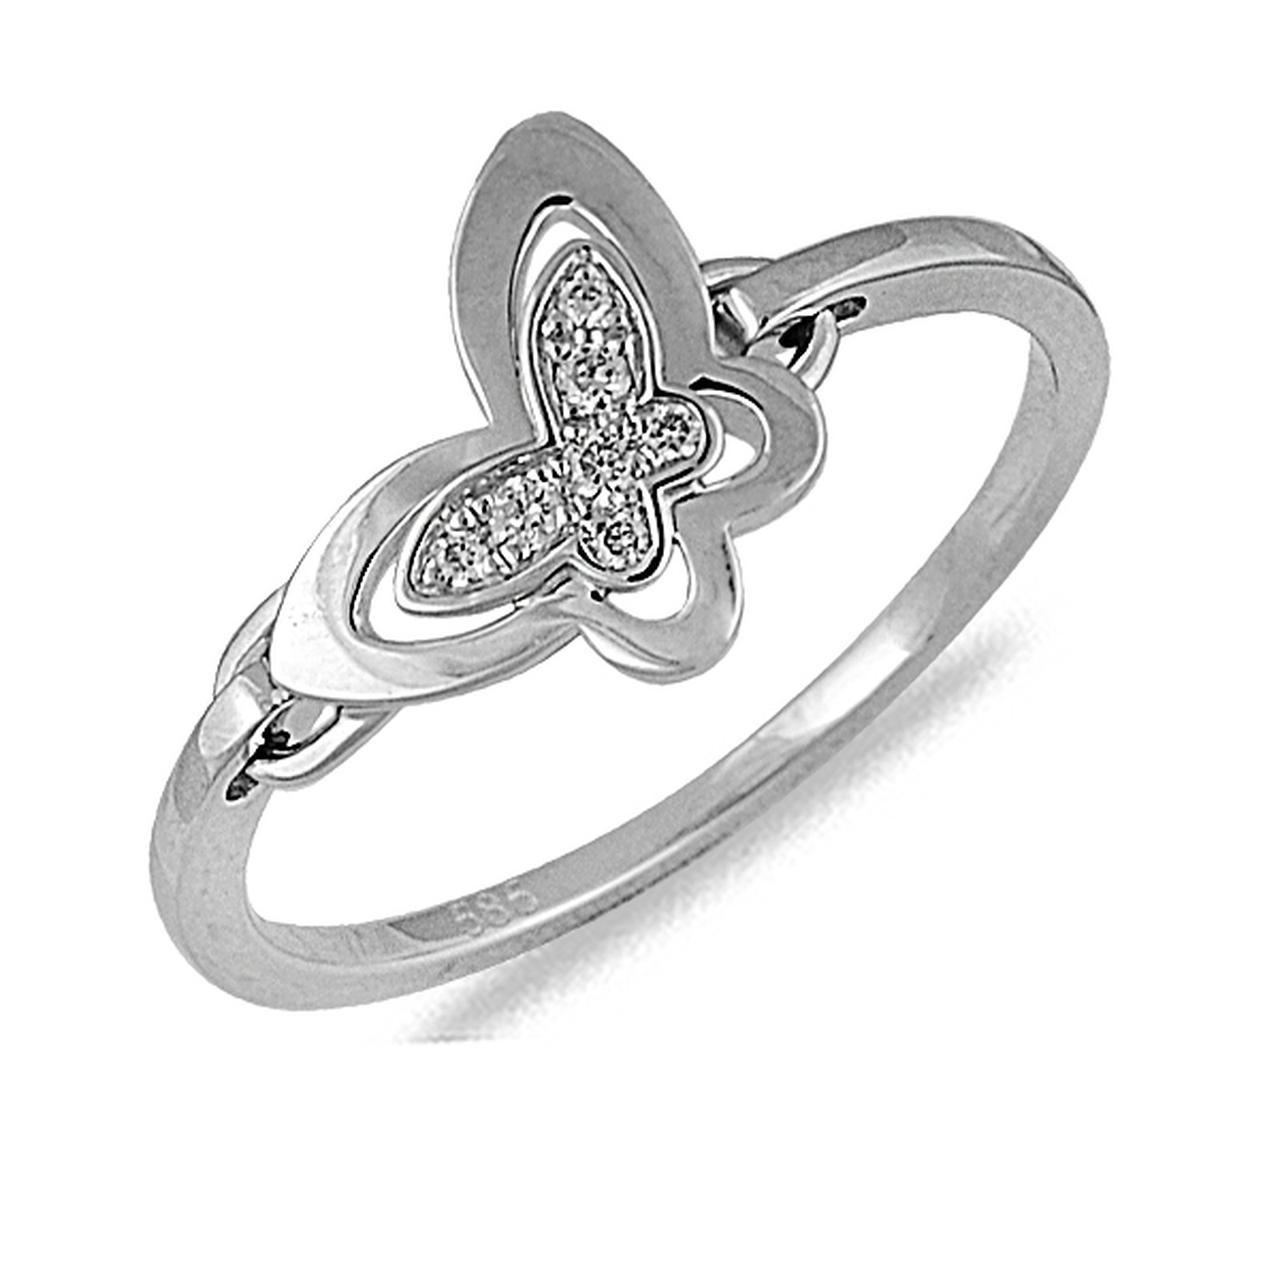 Золотое кольцо с бриллиантами, размер 16.5 (043385)